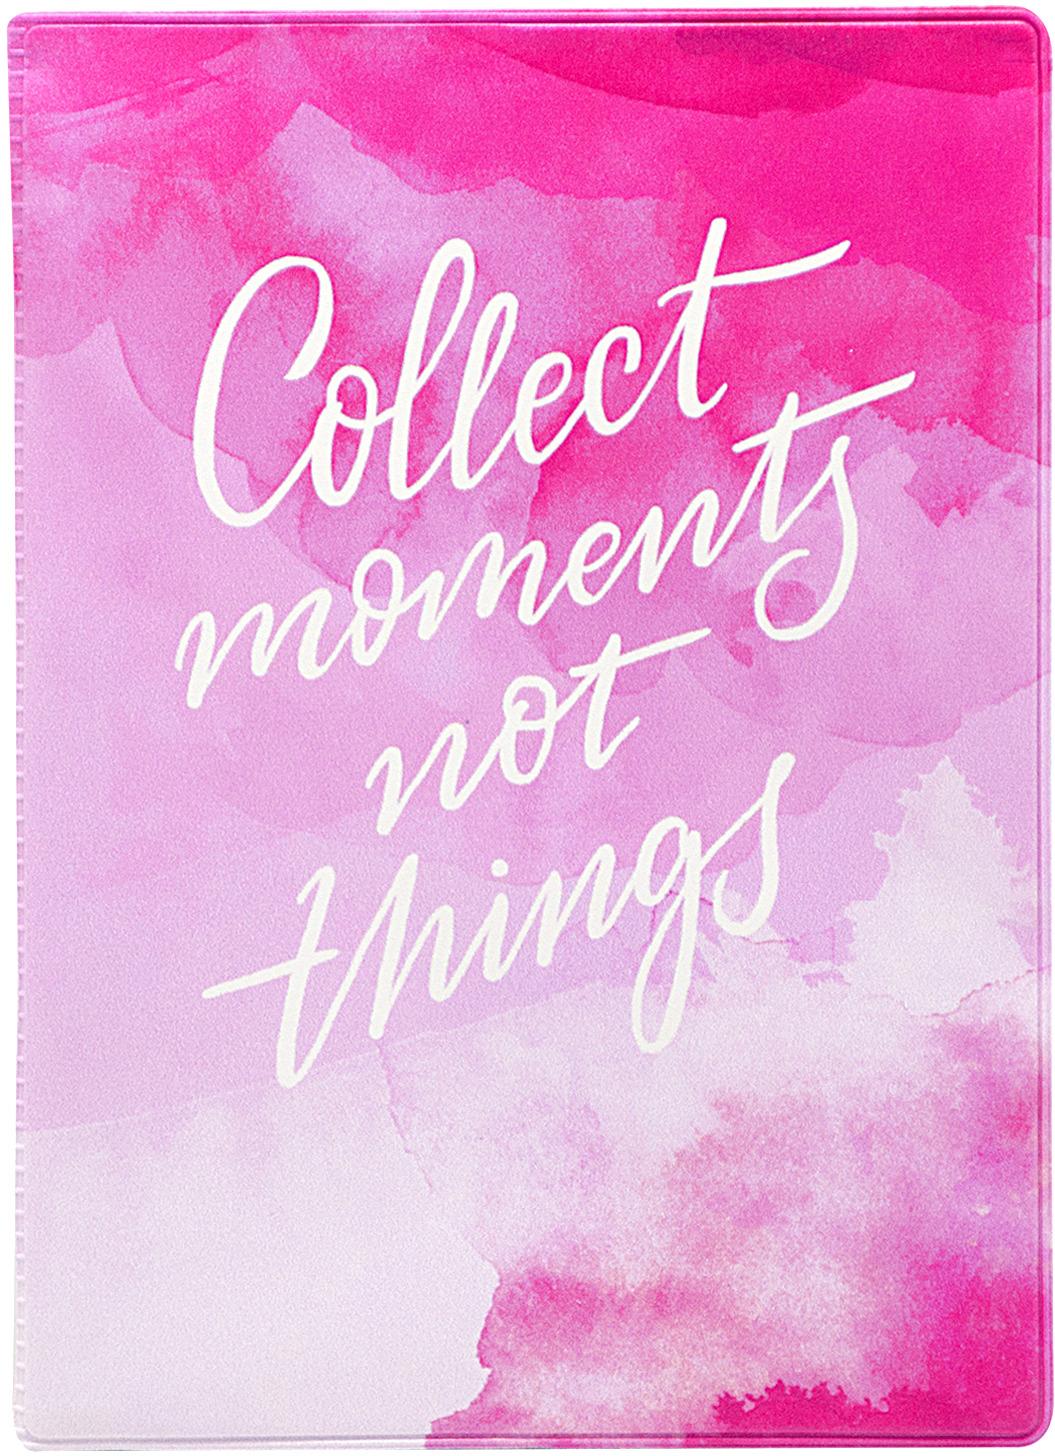 Обложка для паспорта Kawaii Factory Collect moments, цвет: розовый